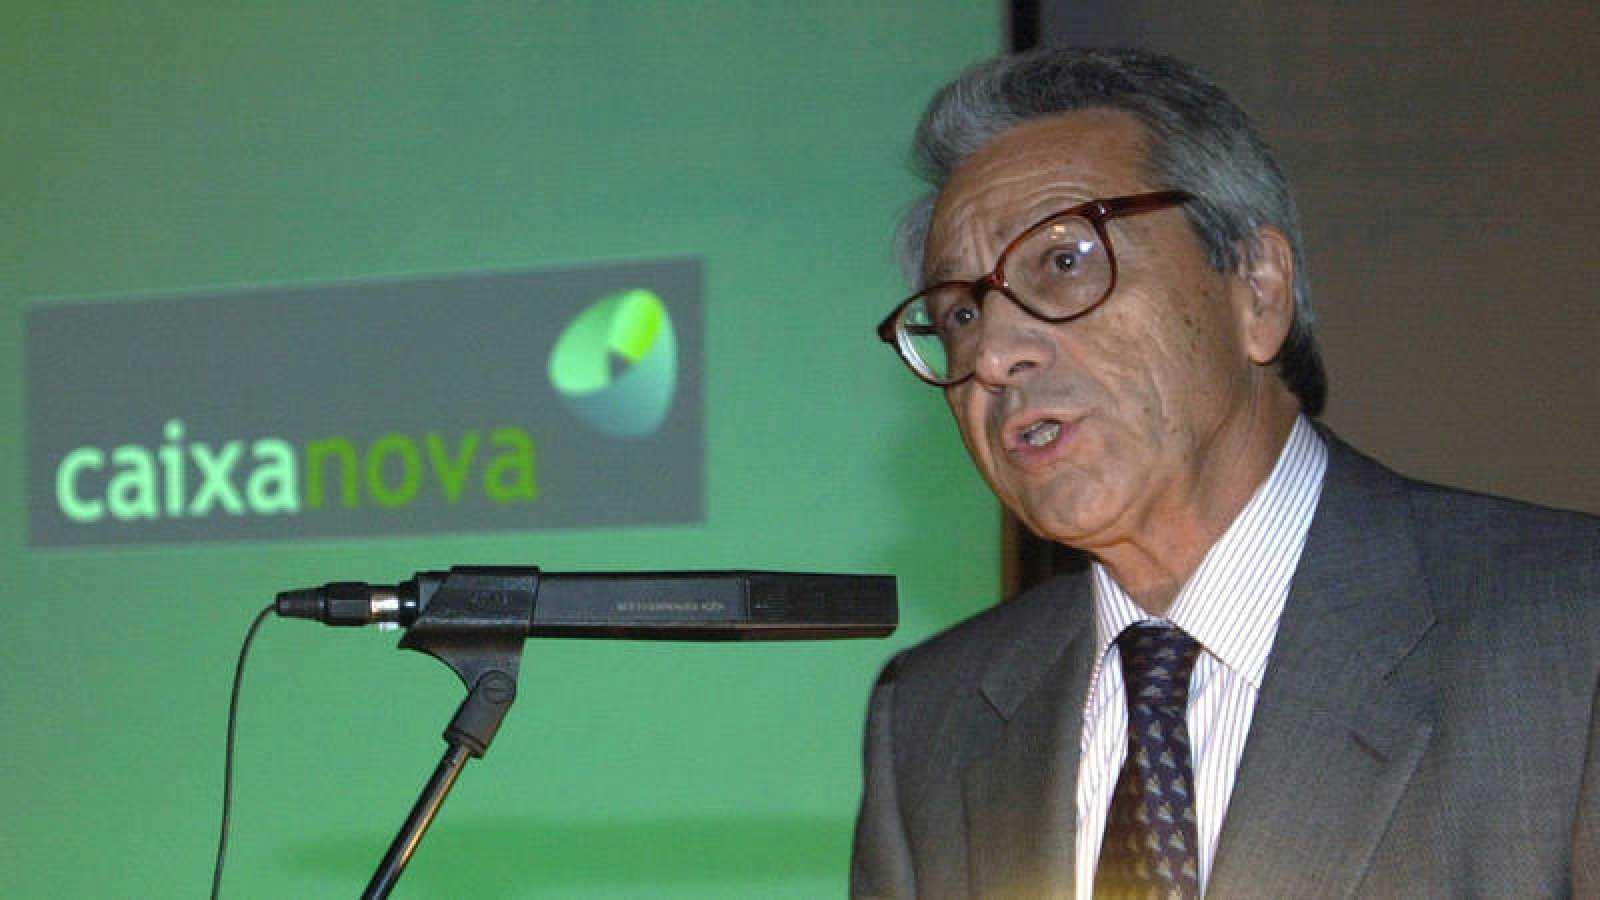 El expresidente de Caixanova, Julio Fernández Gayoso, en una imagen de archivo